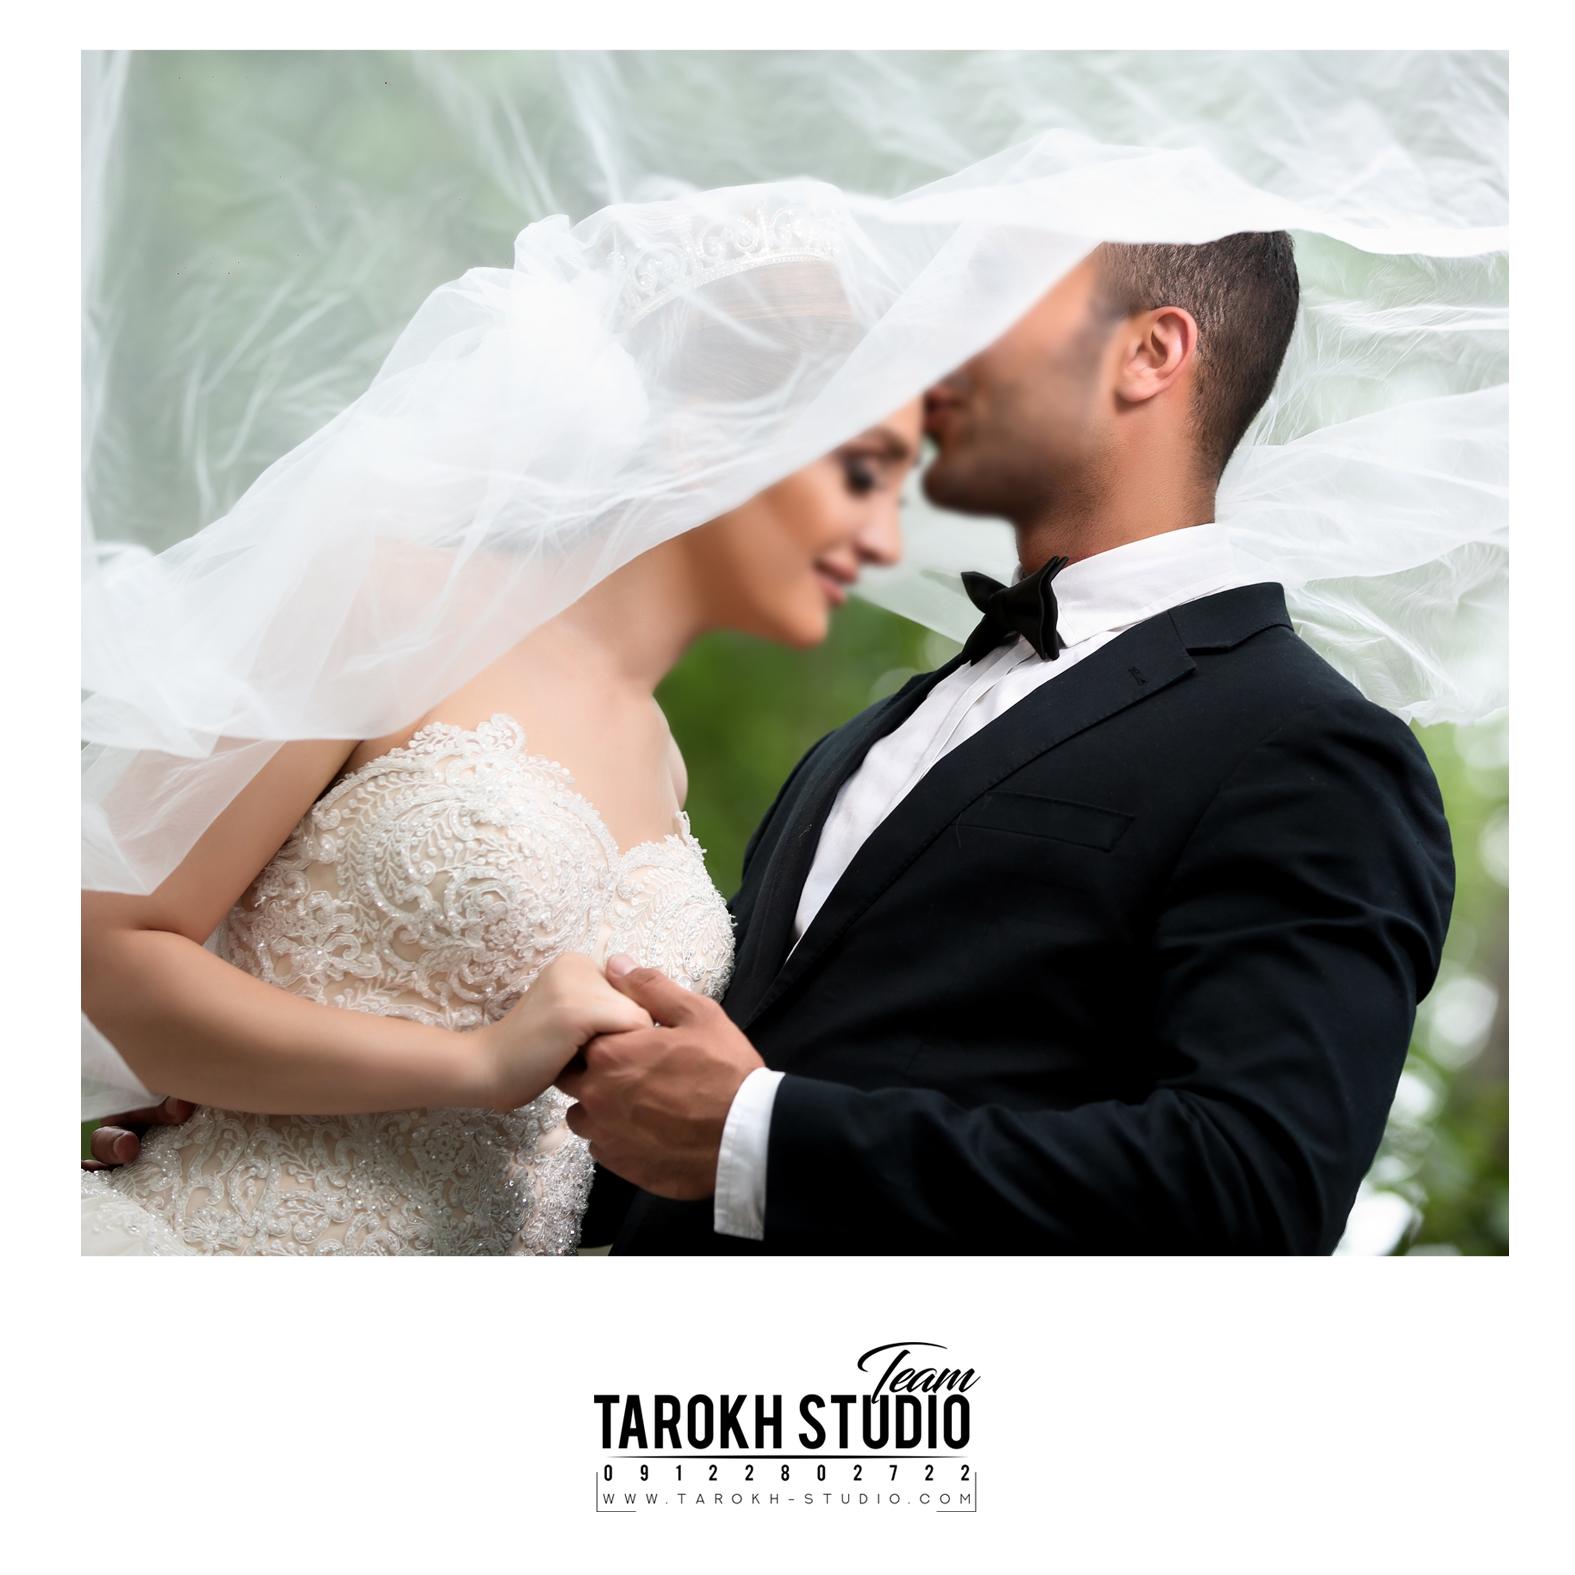 آتلیه عروس تارخ با مدیریت آقای ابراهیمی با سابقه و مجوز از اتحادیه عکاسان